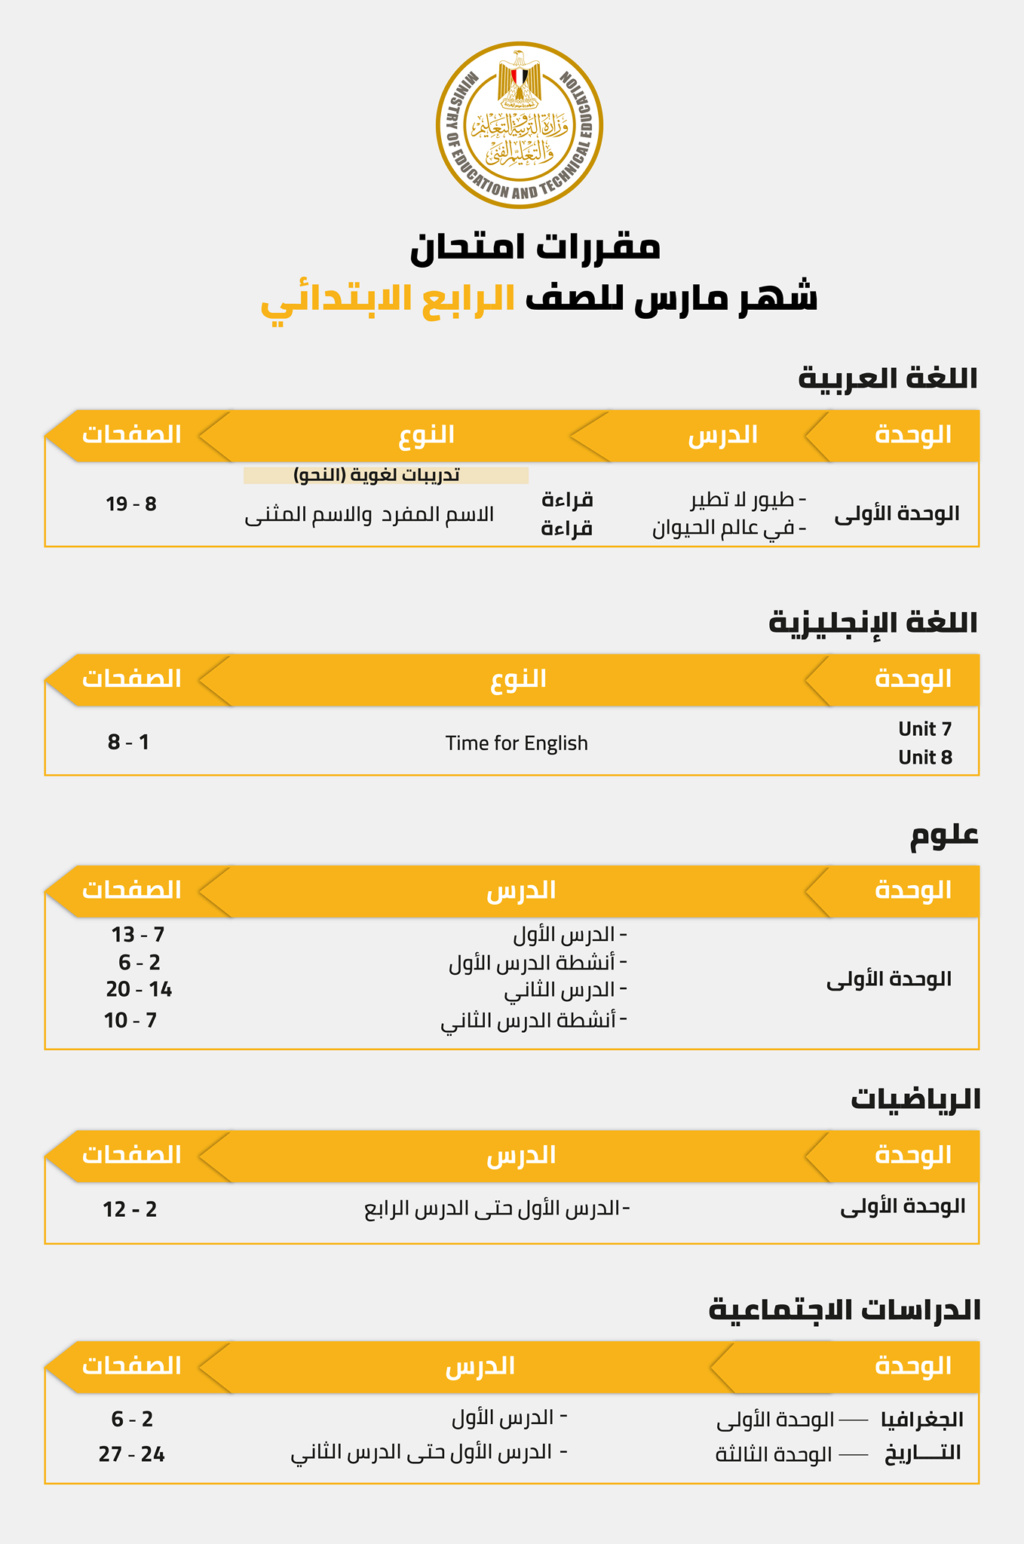 مقررات امتحان شهر مارس للصفوف من الرابع الابتدائي الى الثاني الاعدادي 4255